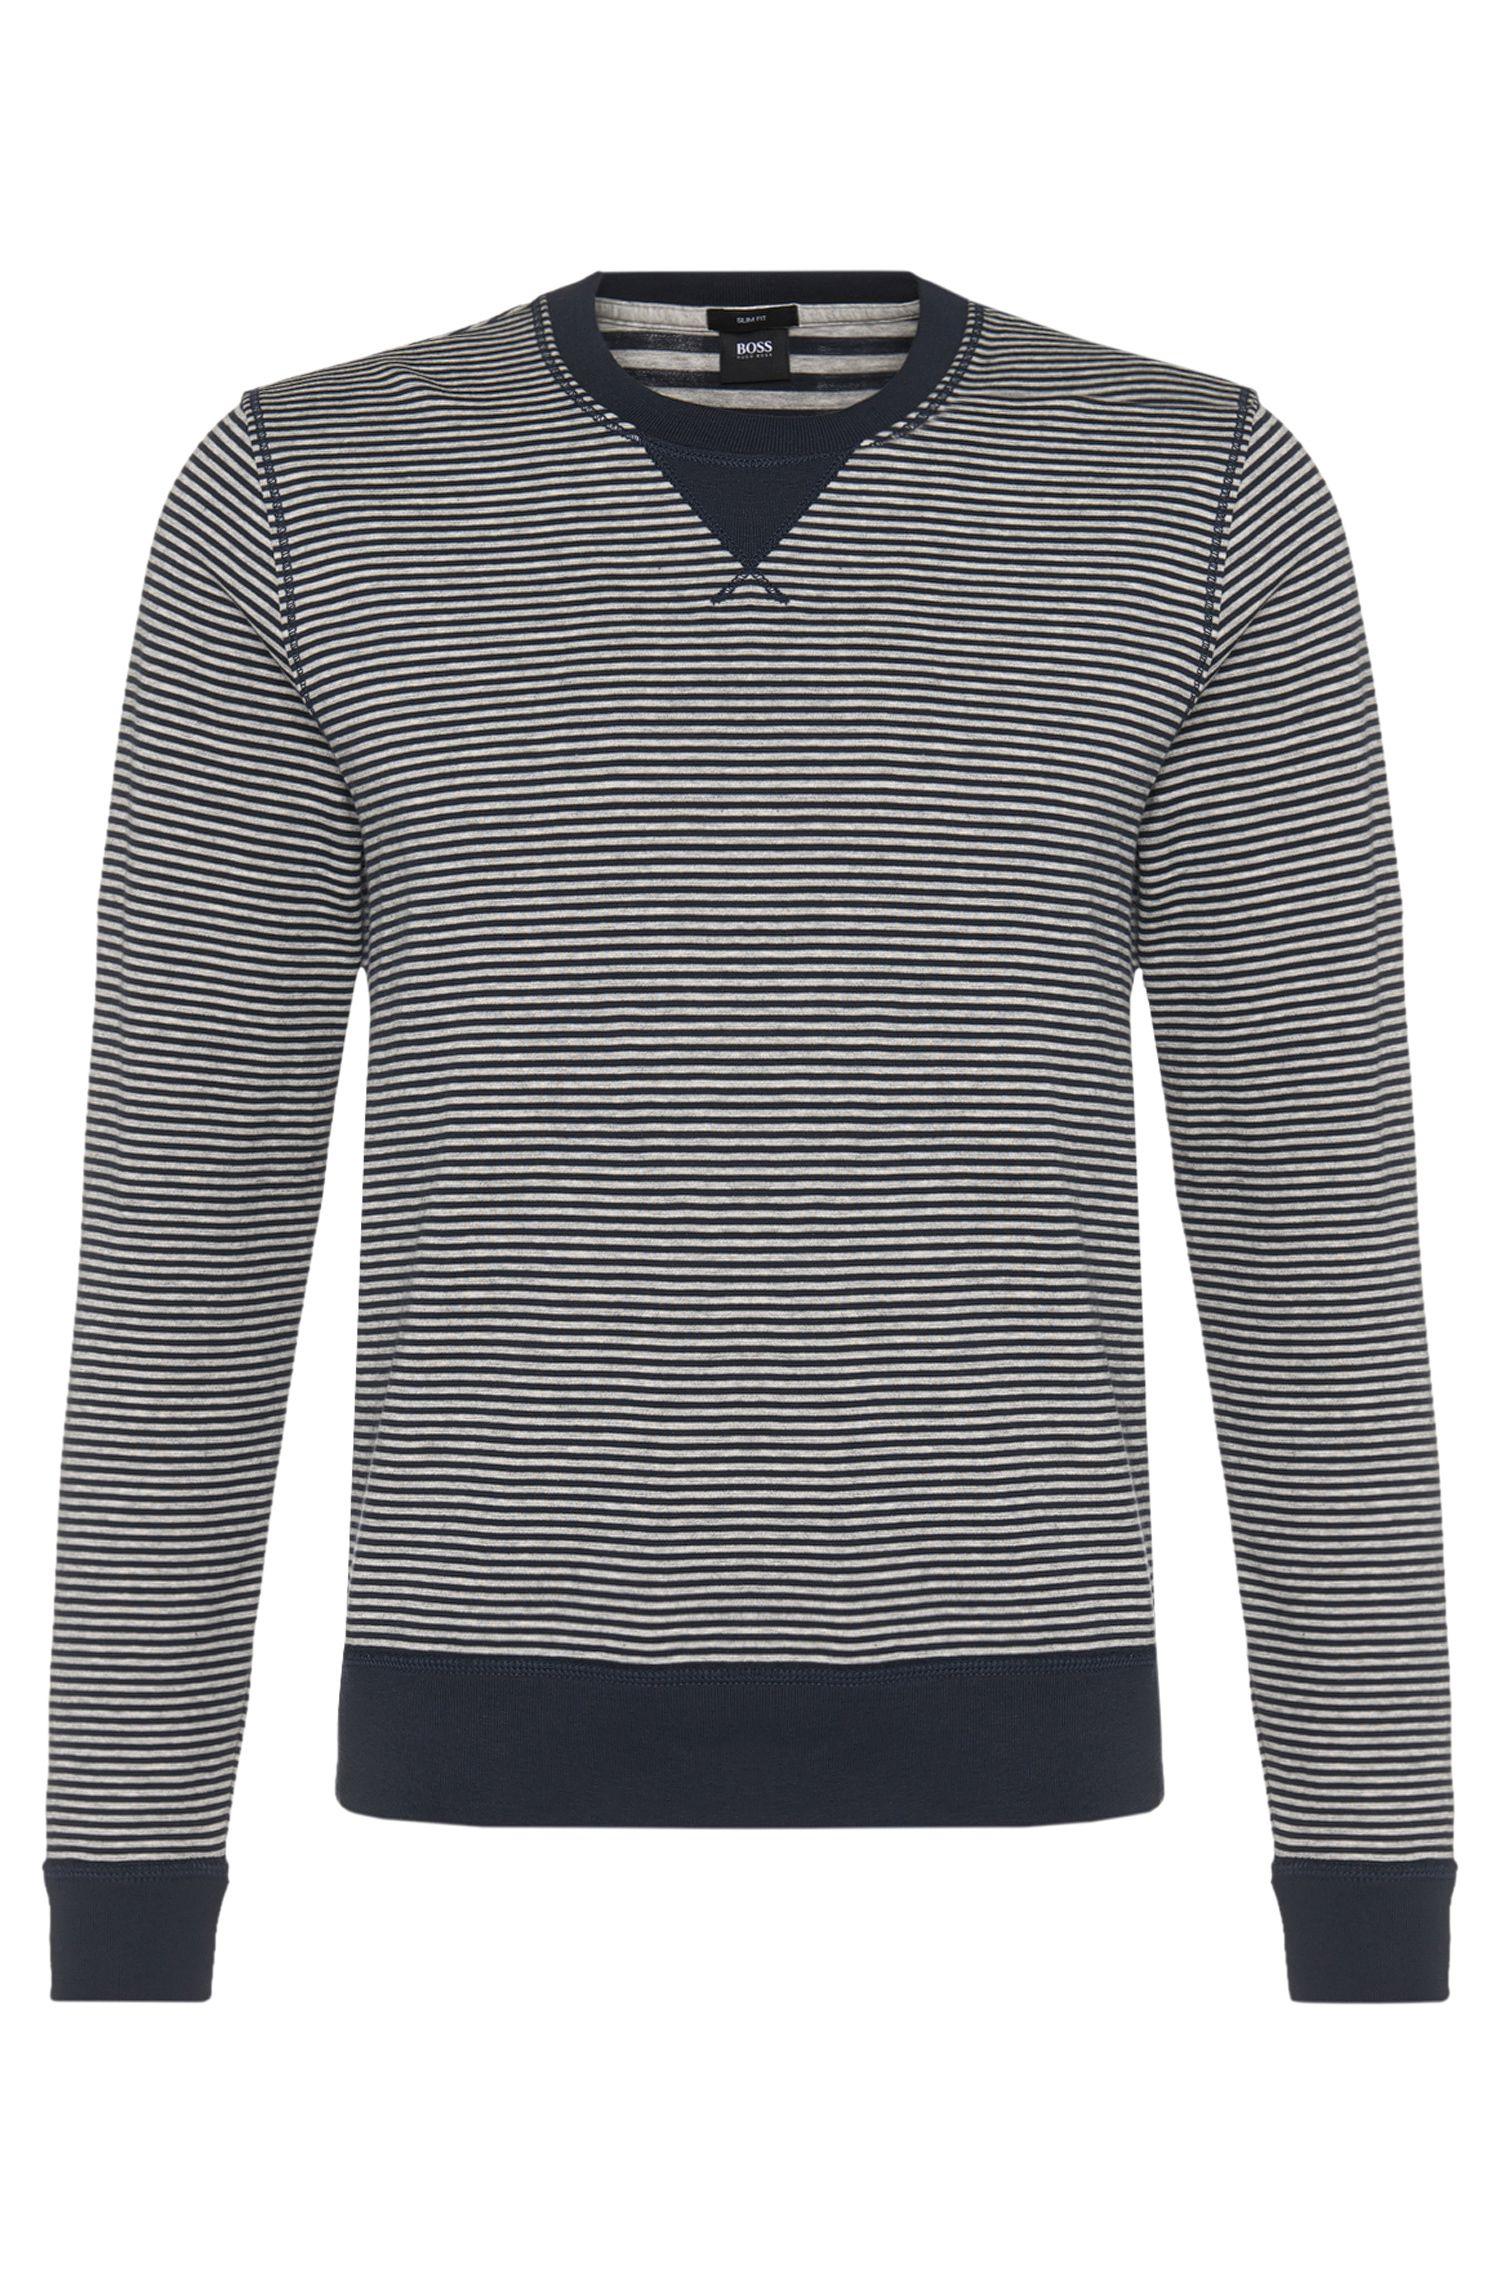 'Skubic' | Cotton Blend Striped Sweatshirt